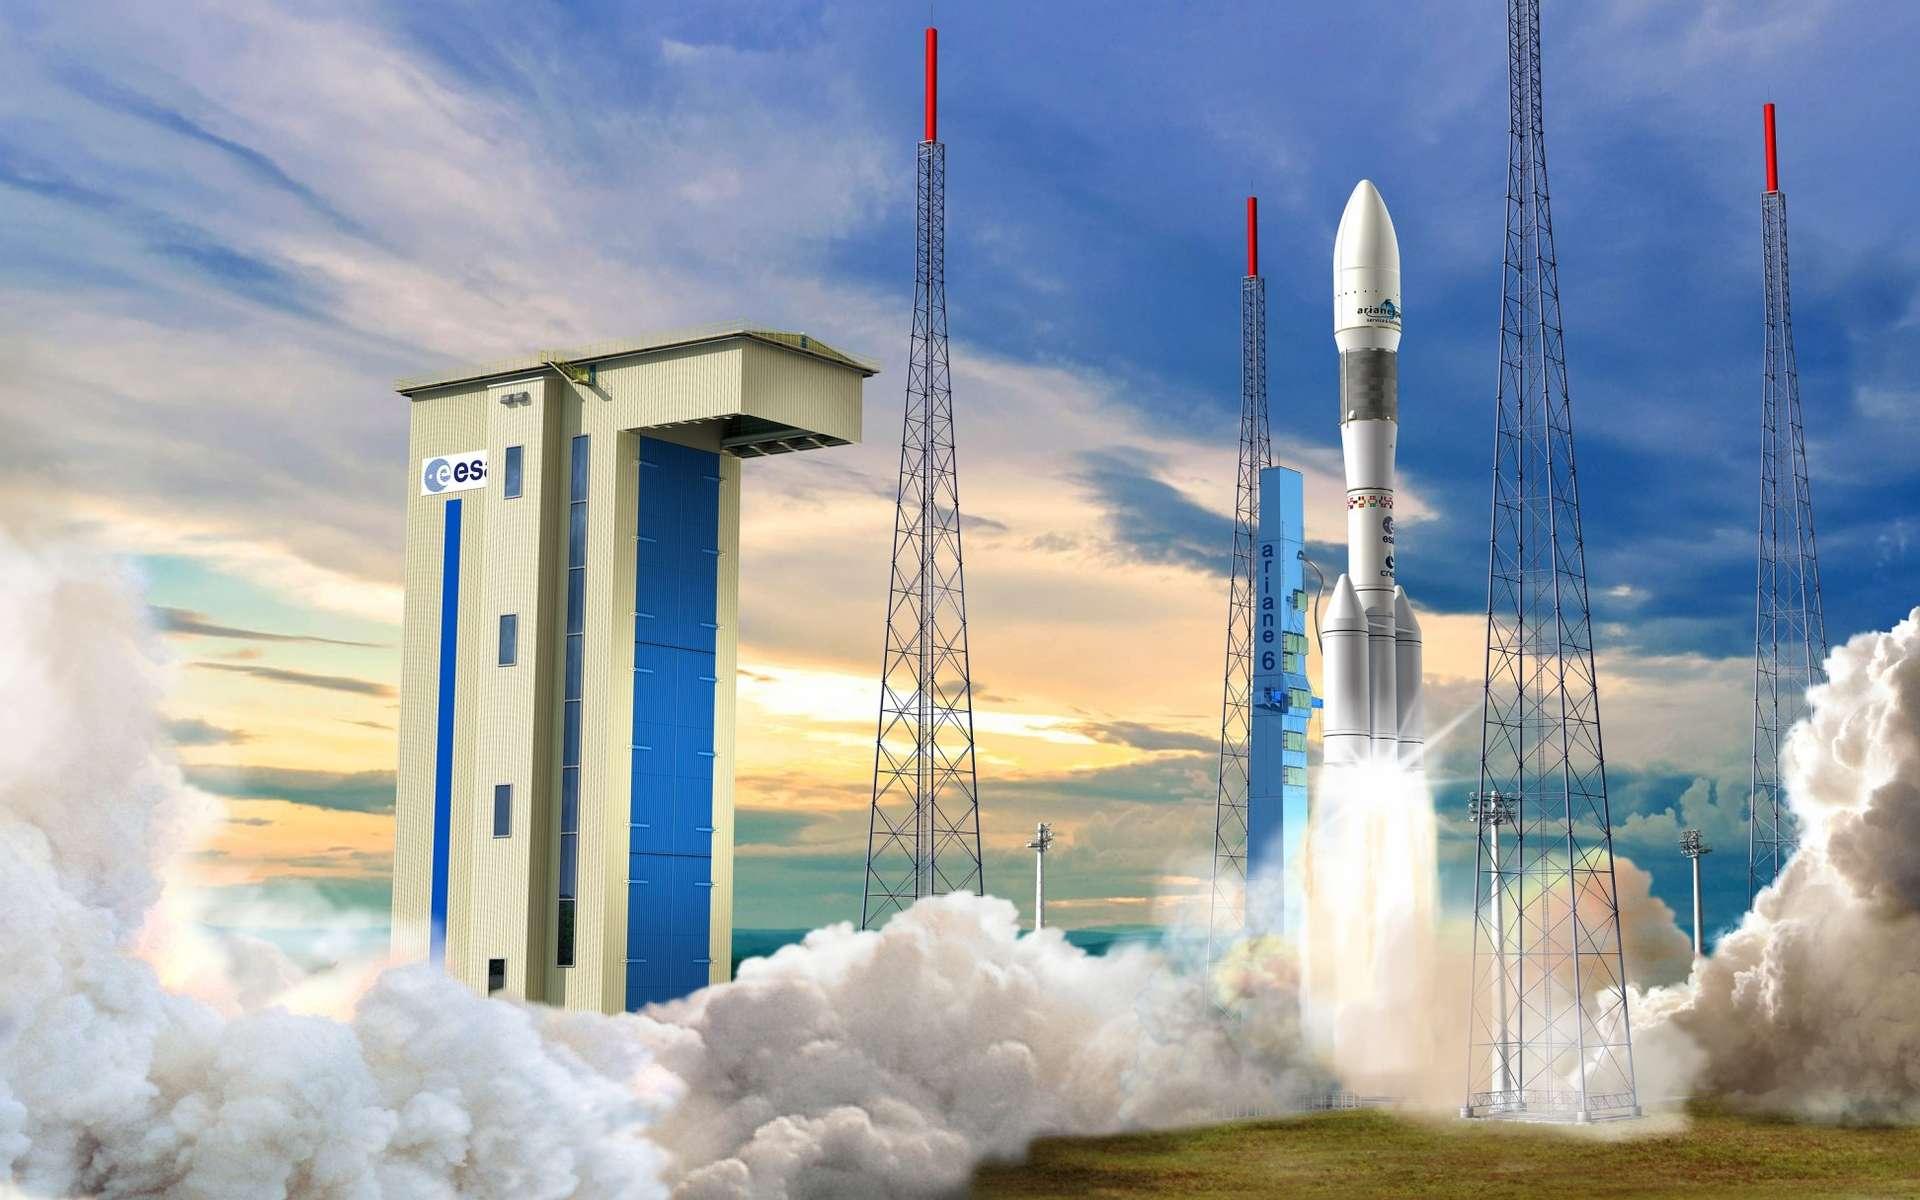 Une vision d'Ariane 6, qui sera modulaire, montrant une forme possible, avec deux propulseurs latéraux à poudre, formant le premier étage. Le deuxième étage, au milieu, porte un propulseur du même type et le troisième étage est, lui, à propulsion cryotechnique (hydrogène et oxygène liquides). © Cnes, David Ducros, 2013